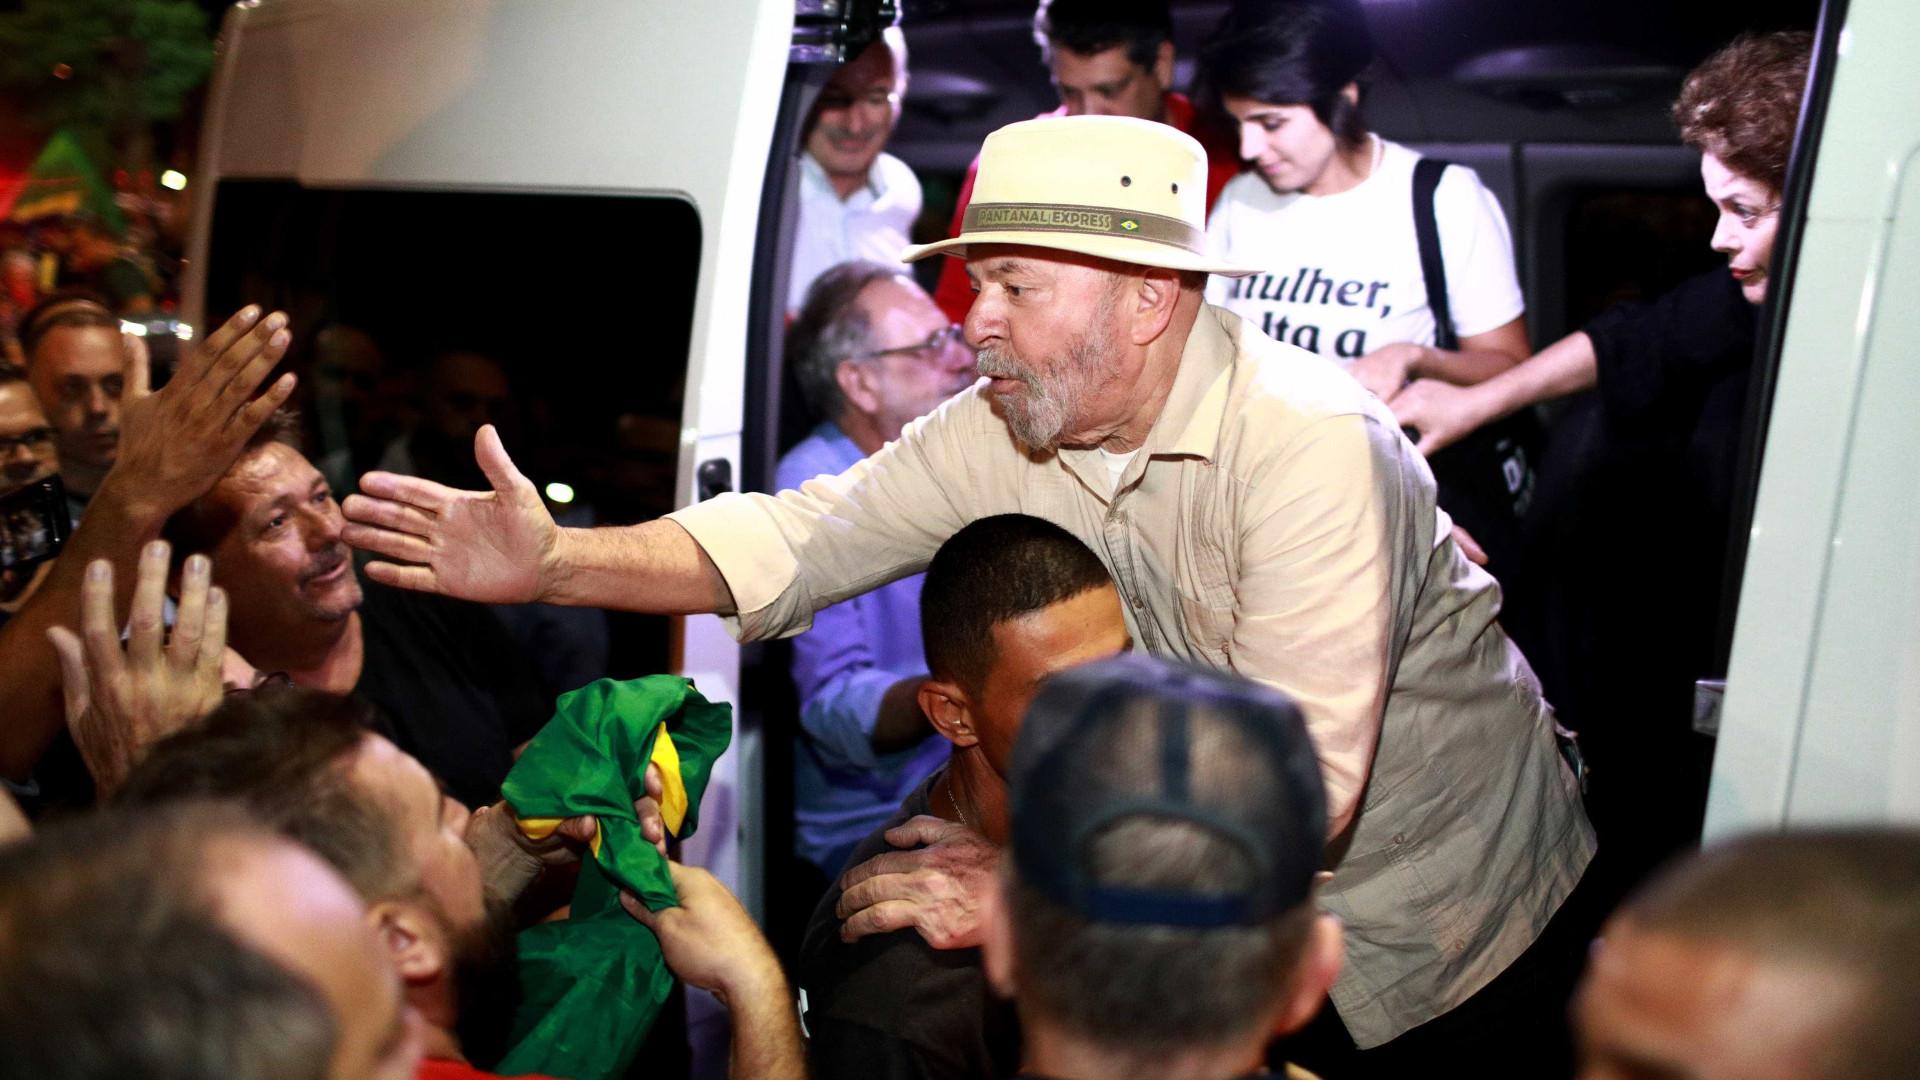 Agentes federais vigiam passos de Lula, diz revista